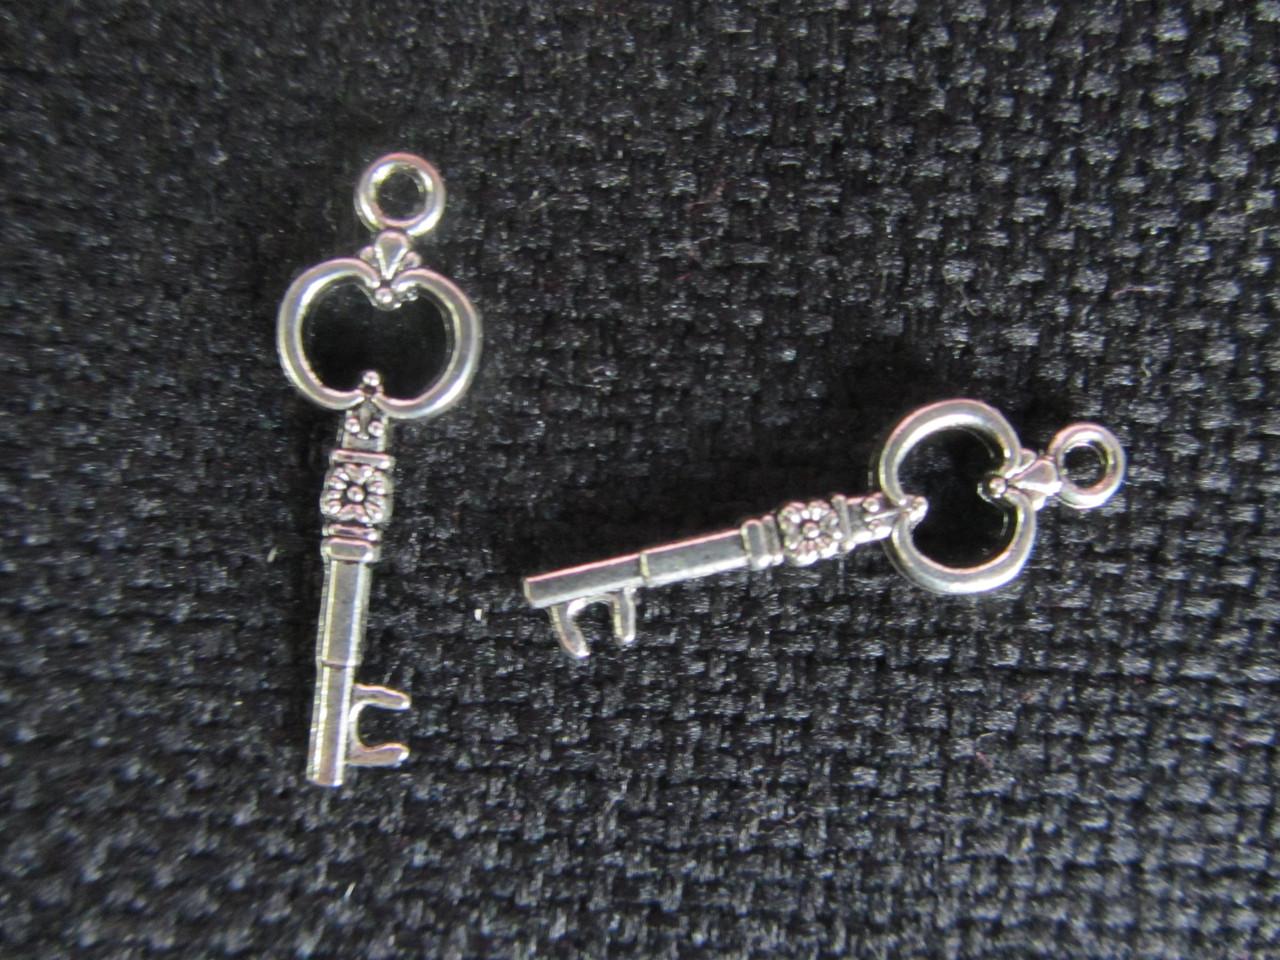 Ключик, (подвеска металлическая),19мм, 6\4 (цена за 1 шт. +2 грн.)